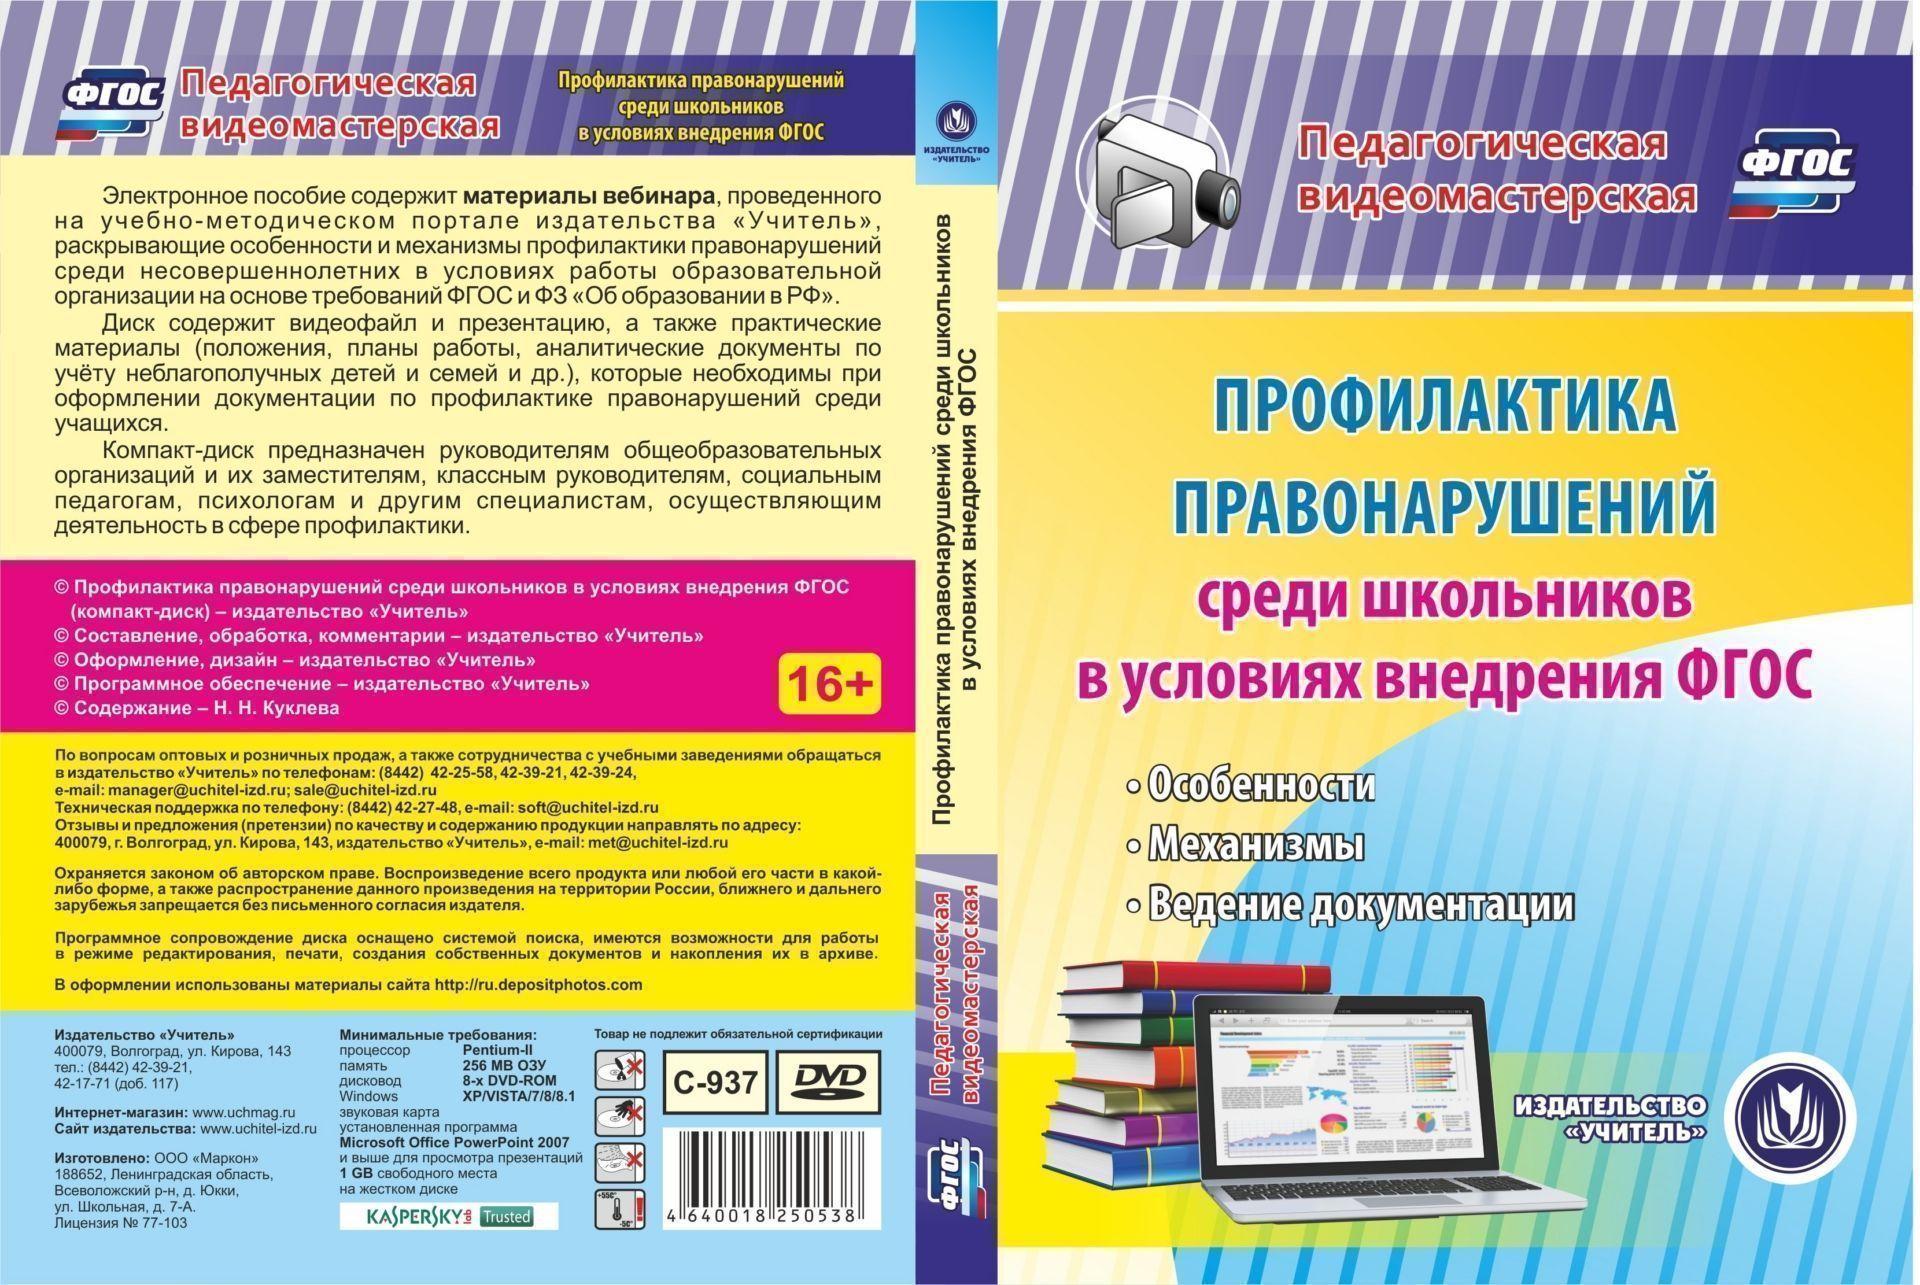 Купить со скидкой Профилактика правонарушений среди школьников в условиях внедрения ФГОС. Компакт-диск для компьютера: